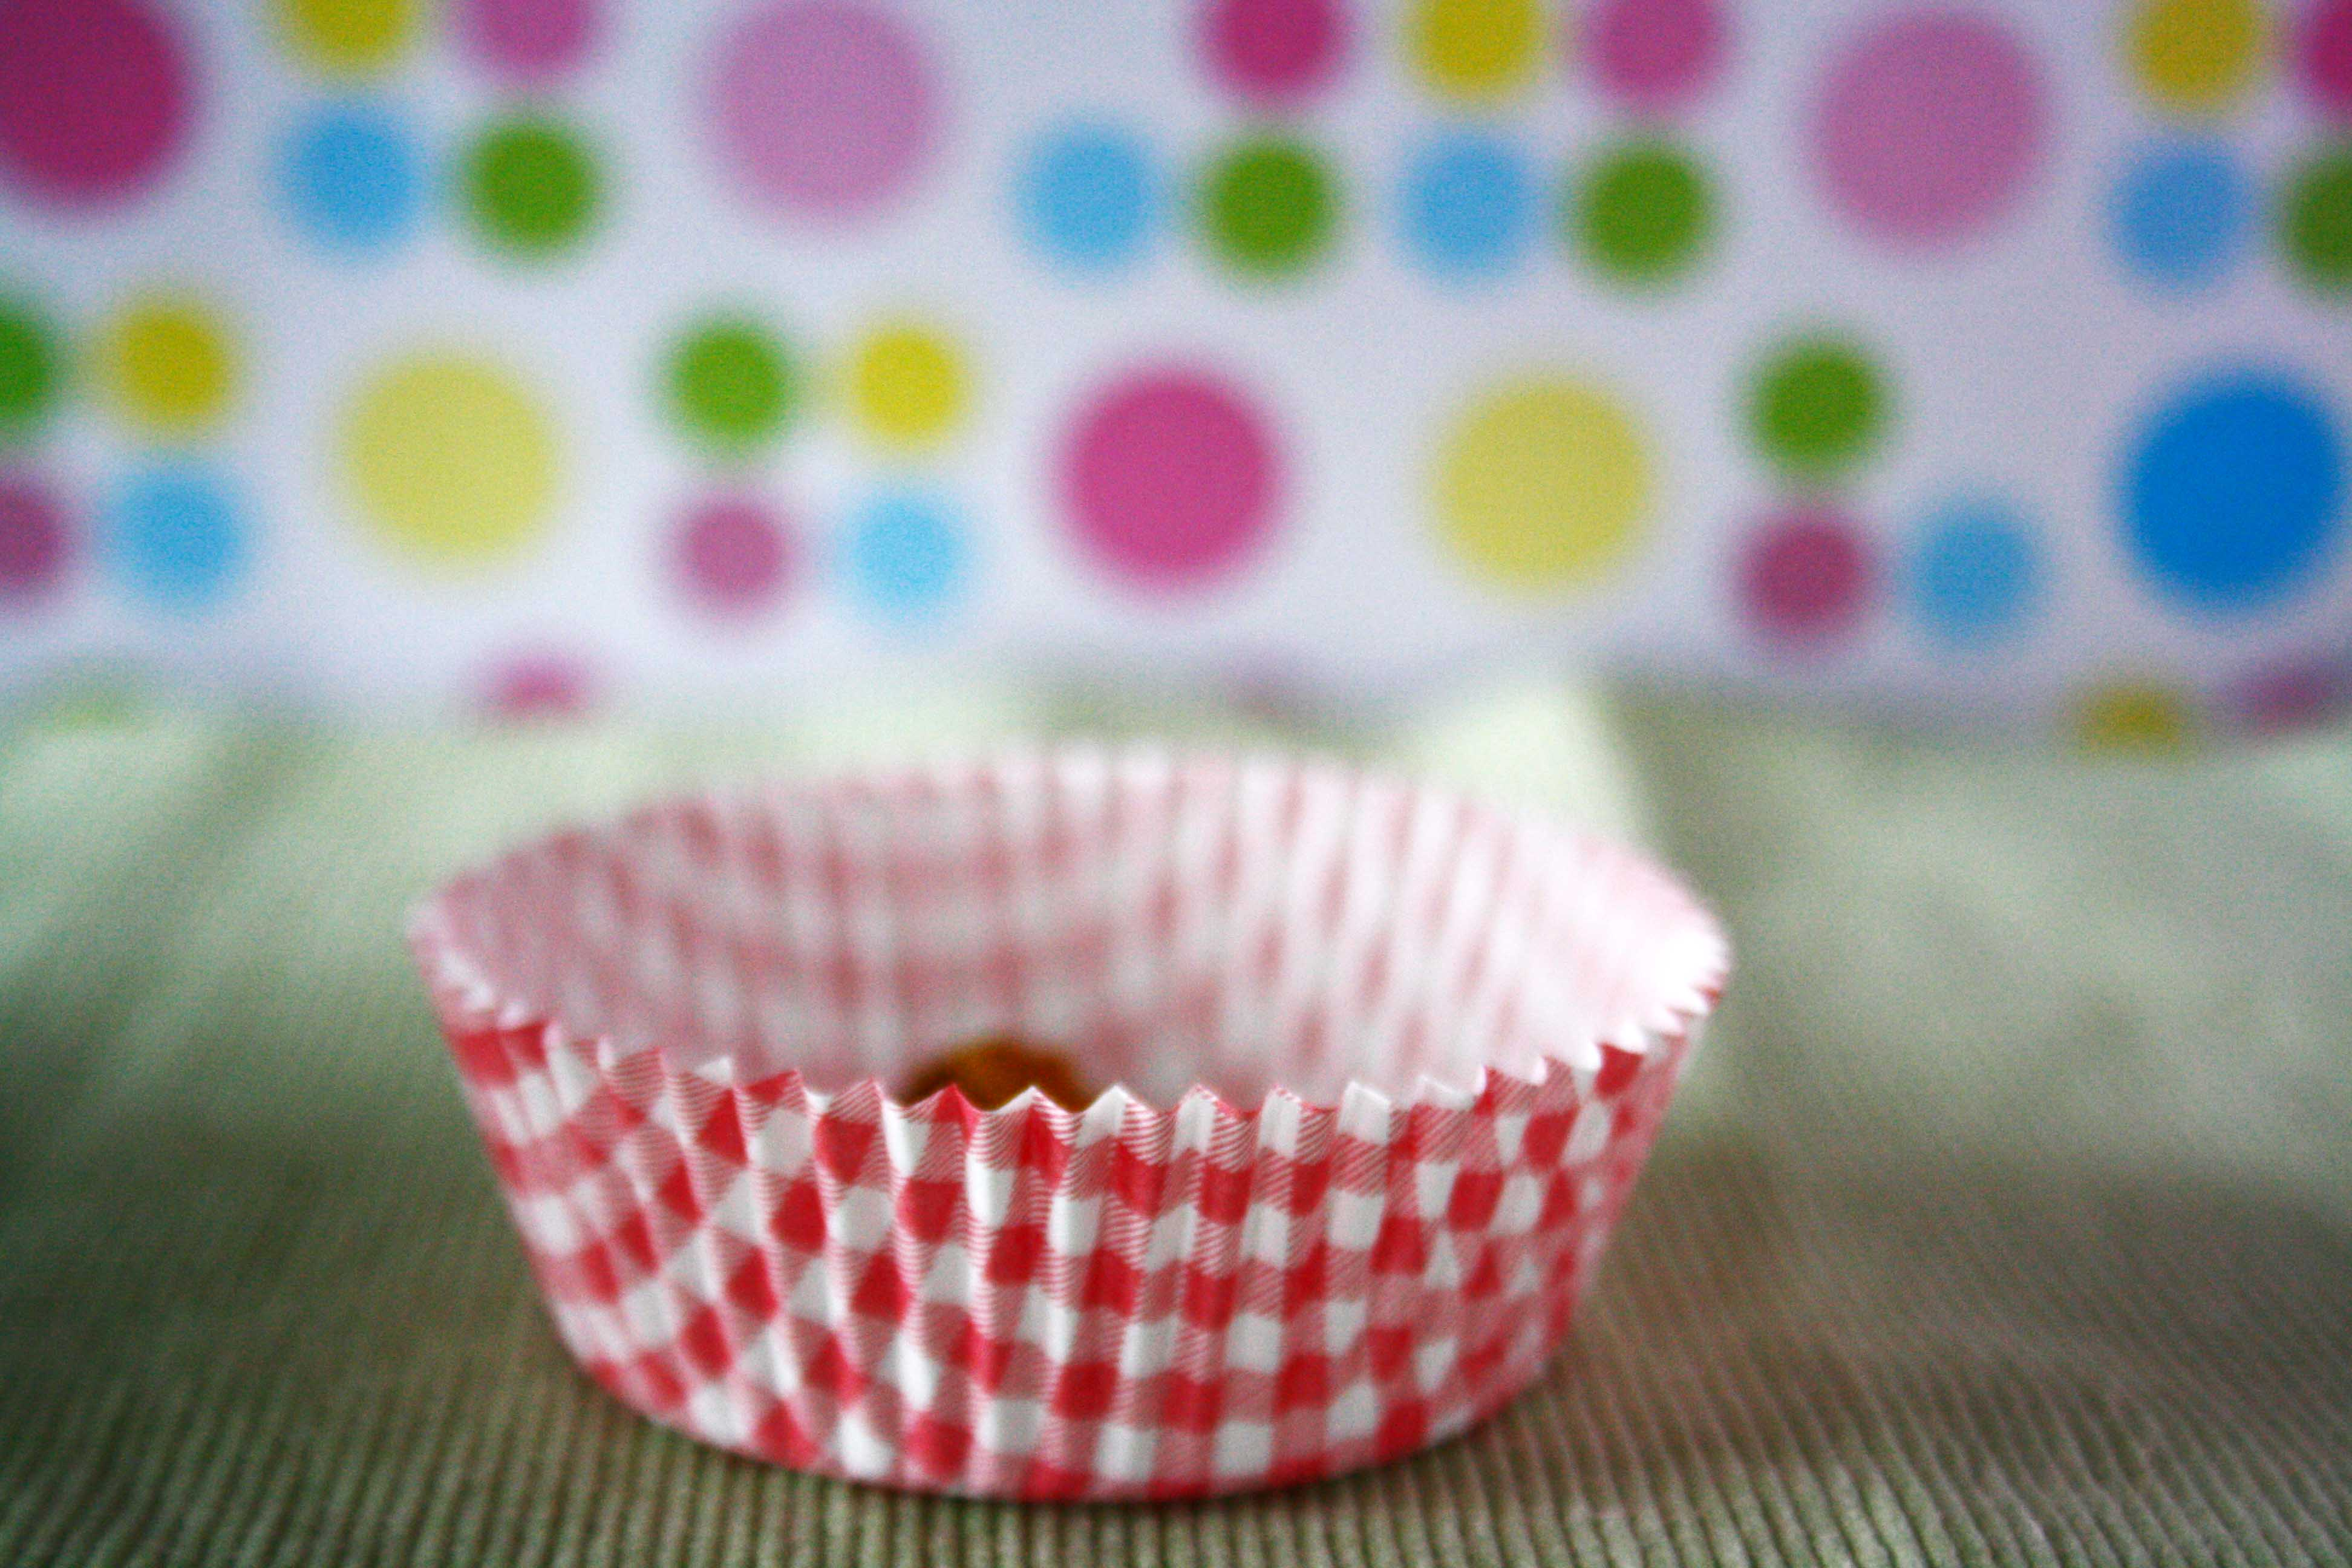 Frühstücks-Muffins // Muffins for Breakfast by http://babyrockmyday.com/fruehstucksmuffins/